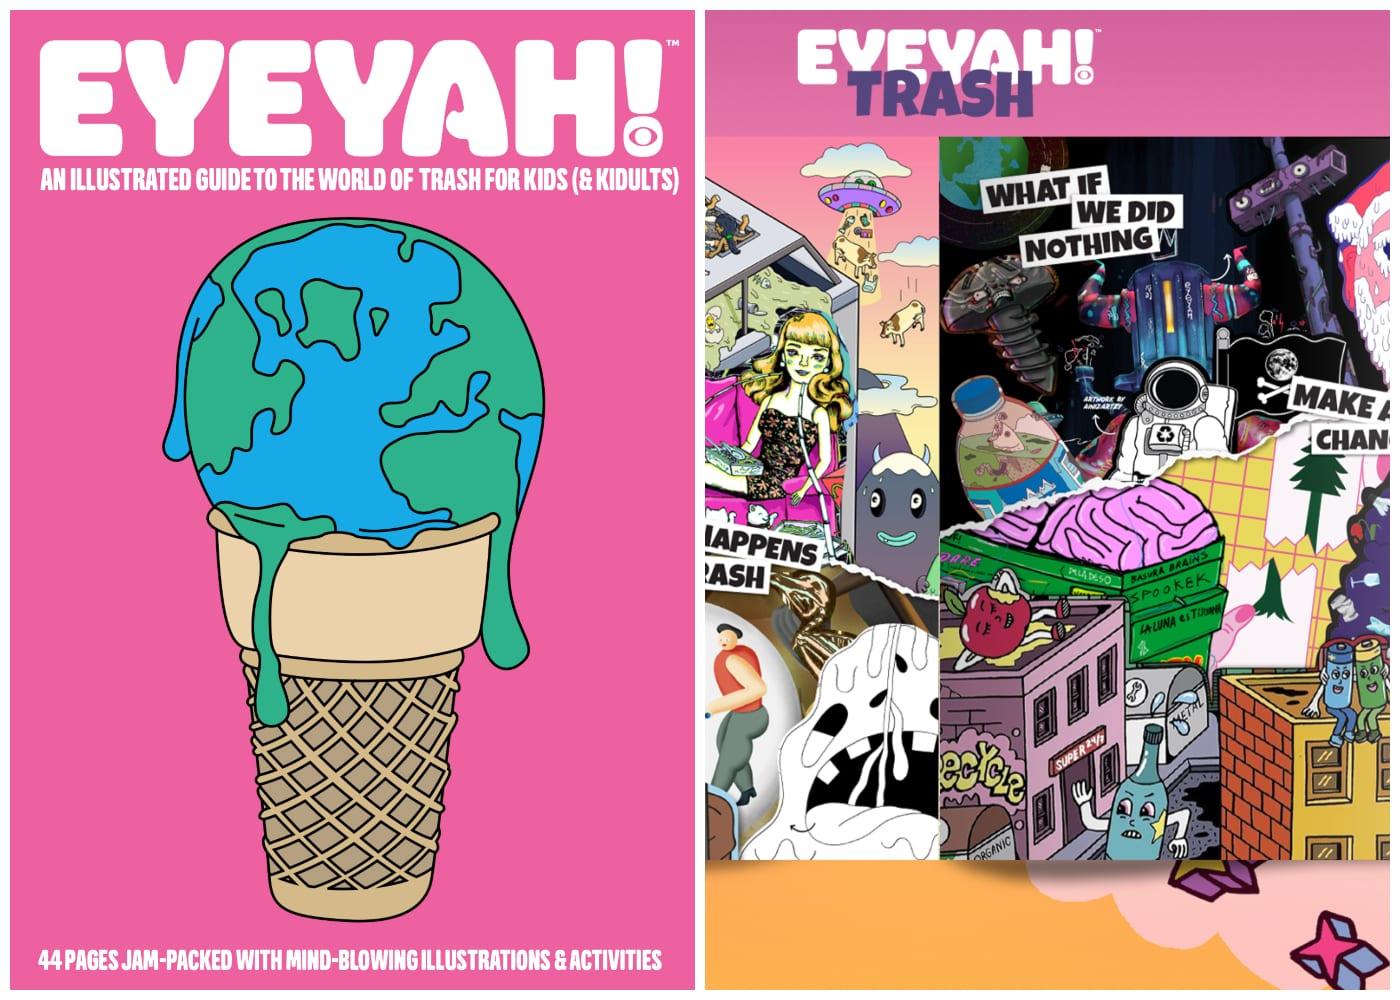 Eyeyah! | Kids magazine